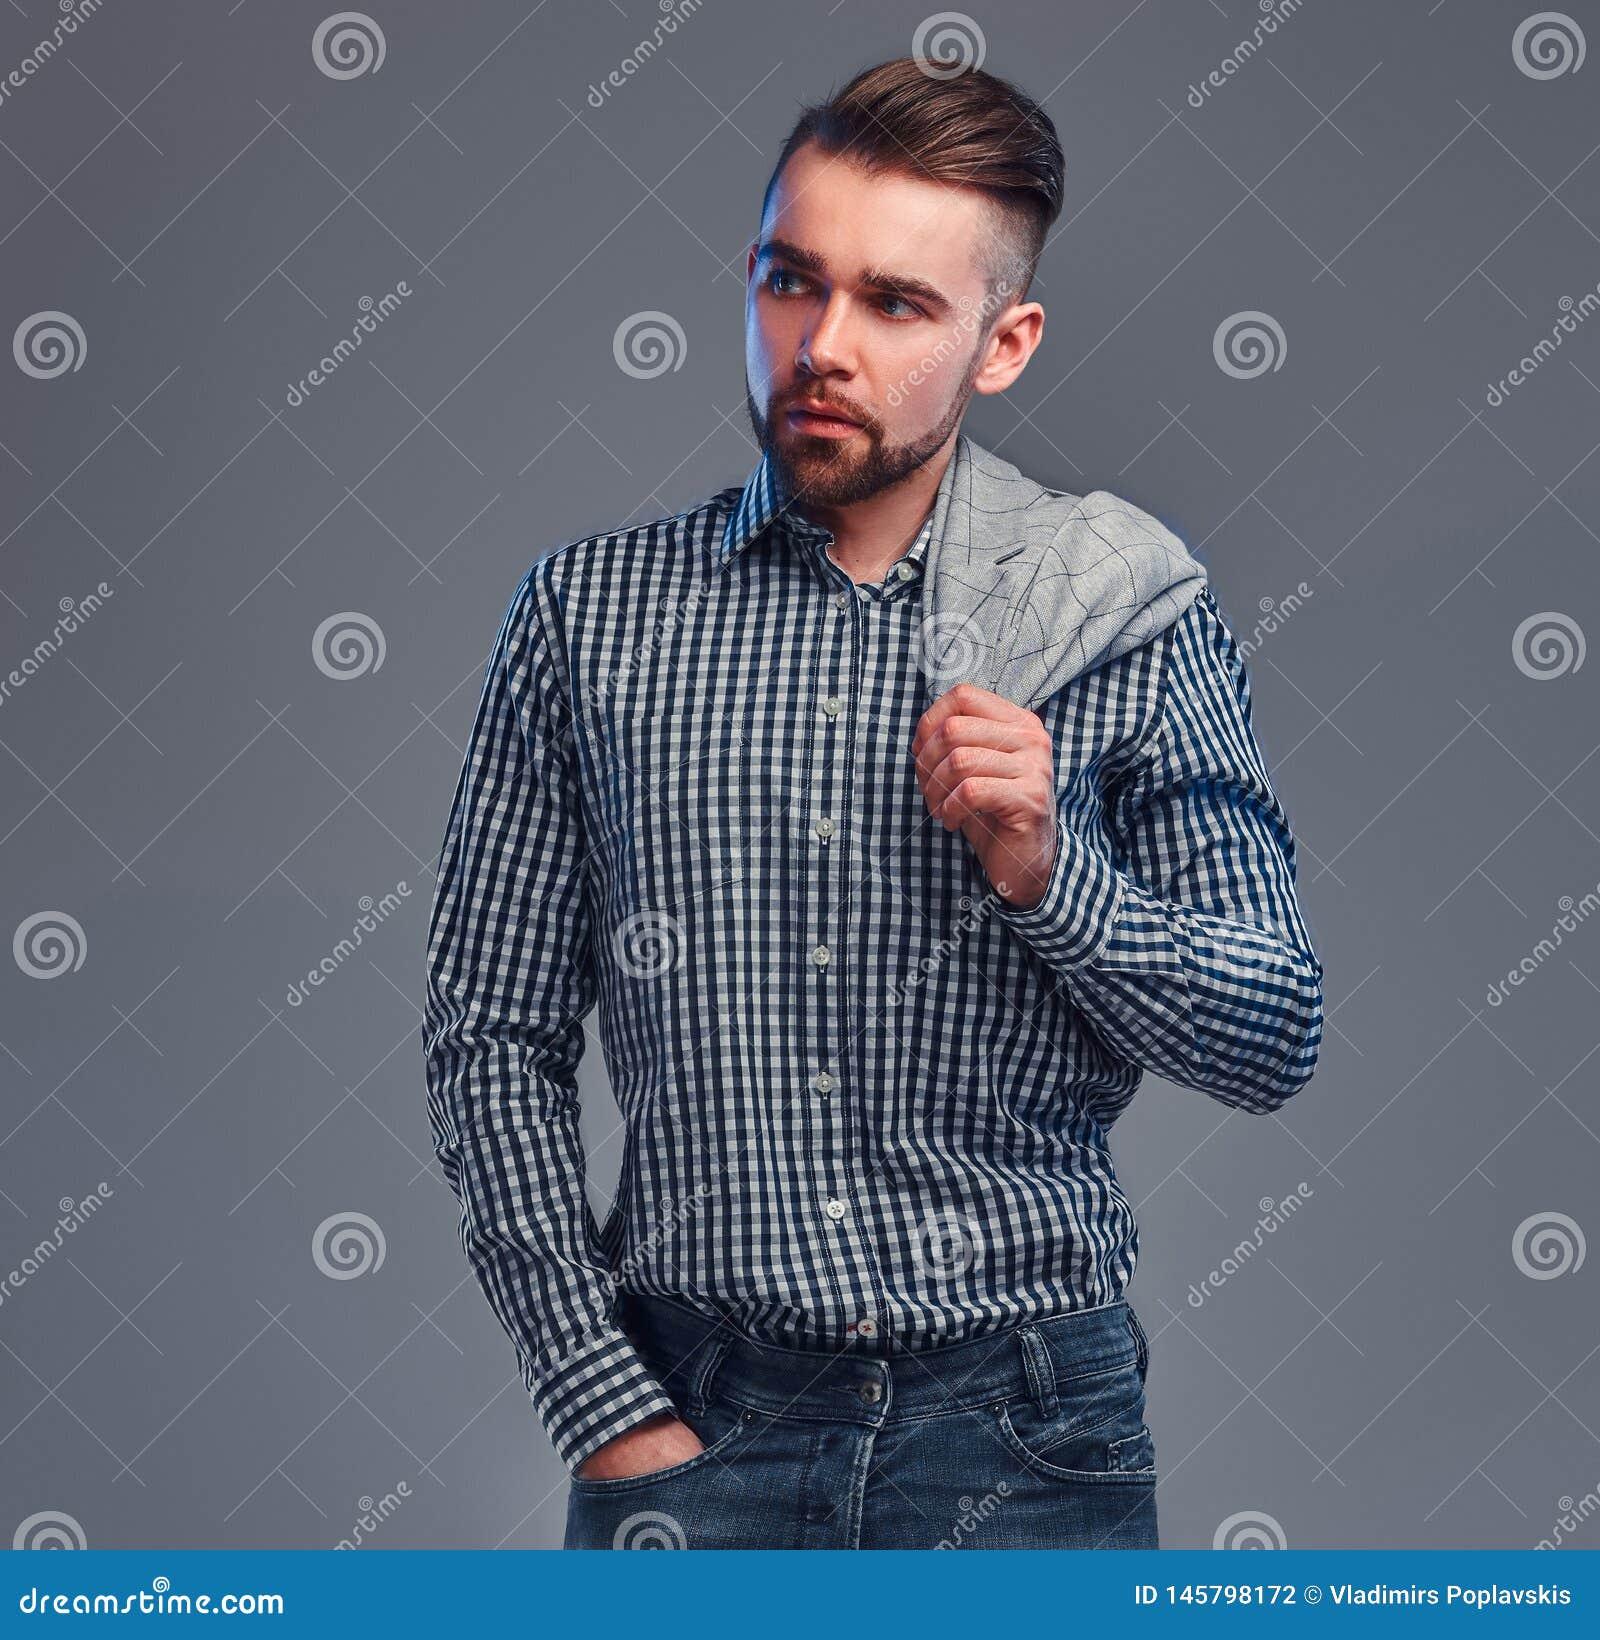 Portr?t des styilish attraktiven Mannes im karierten Hemd, im Denim und im Blazer auf seinem shouder